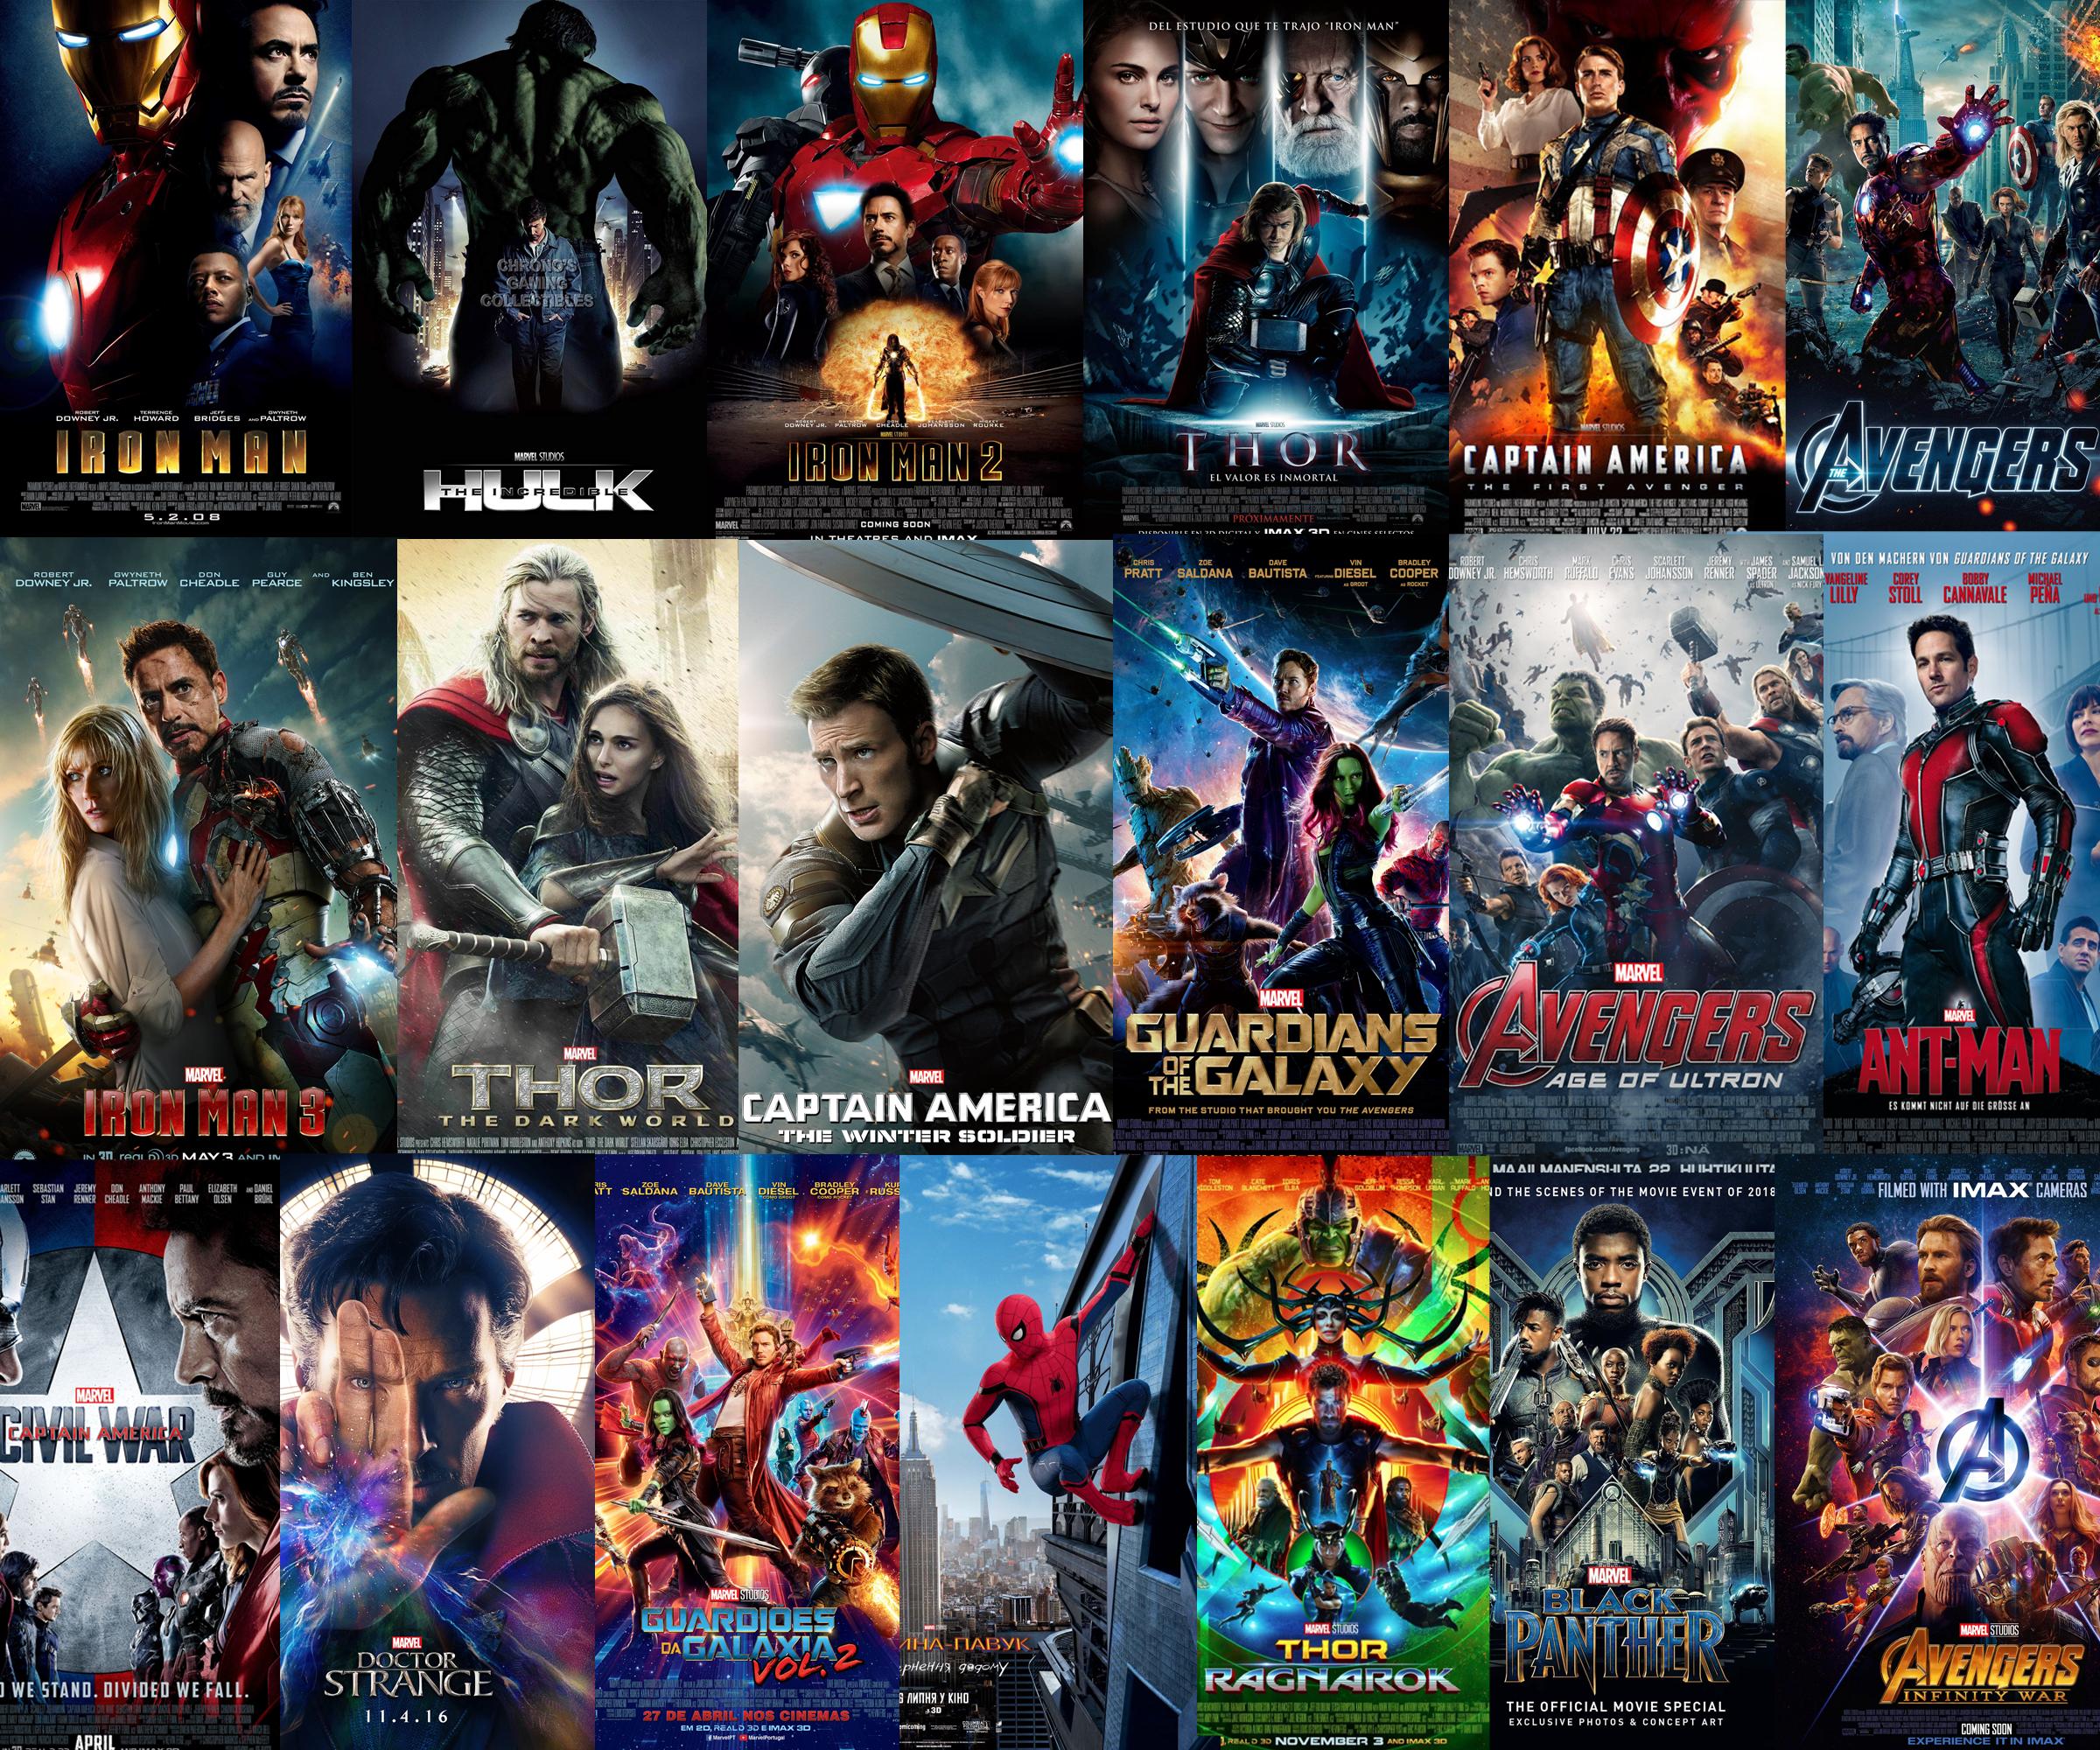 Marvel hiện đã cho ra mắt tới 19 phim siêu anh hùng và trong số đó